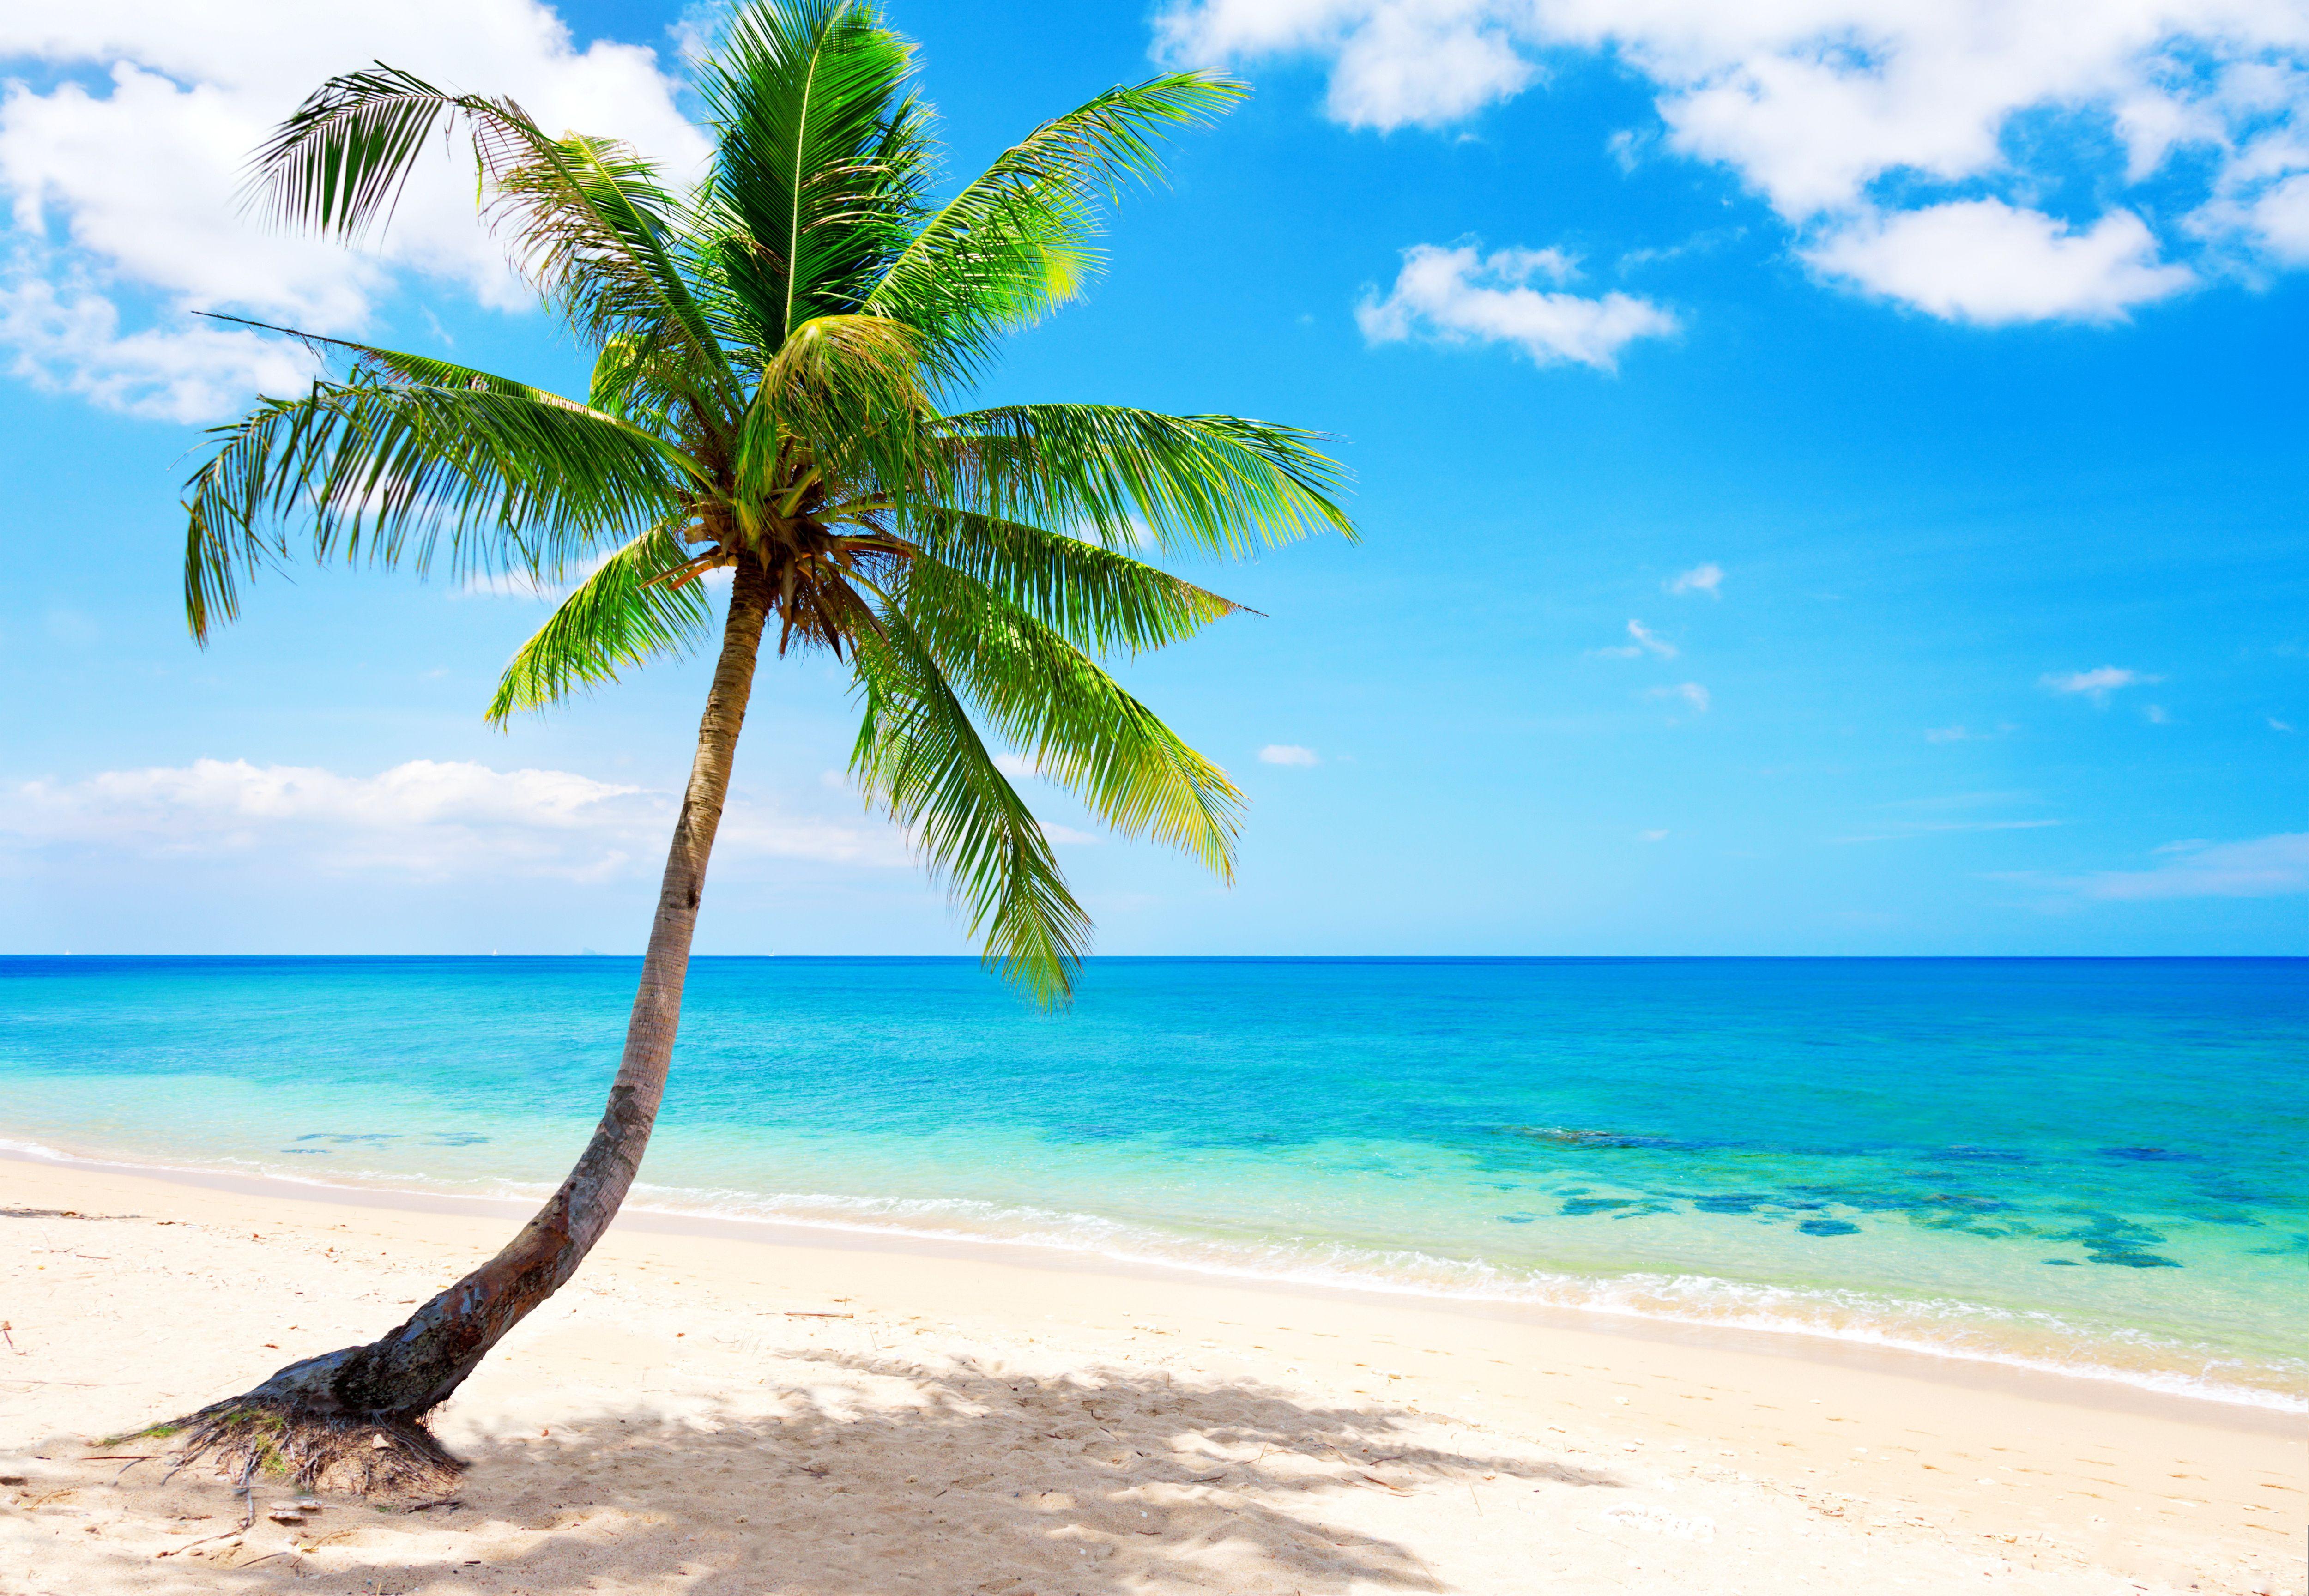 Tropical Beach Wallpaper Desktop Background Nature HD Wallpaper 5000x3456